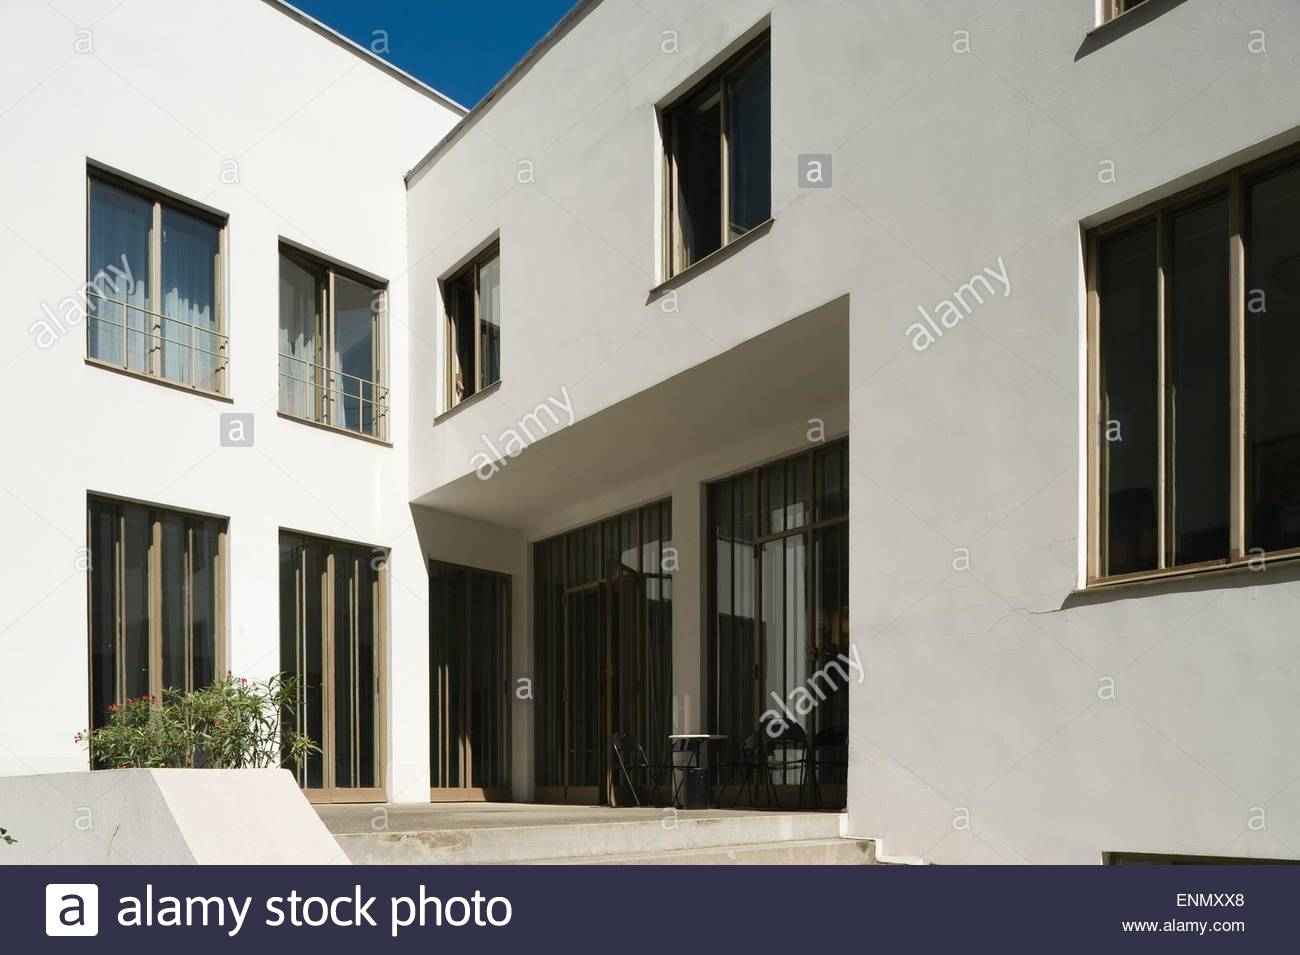 Wien, Haus Stonborough-Wittgenstein, Ludwig Wittgenstein 1926-1928 (Das Haus Wittgenstein ist ein Gebäude, - Stock Image